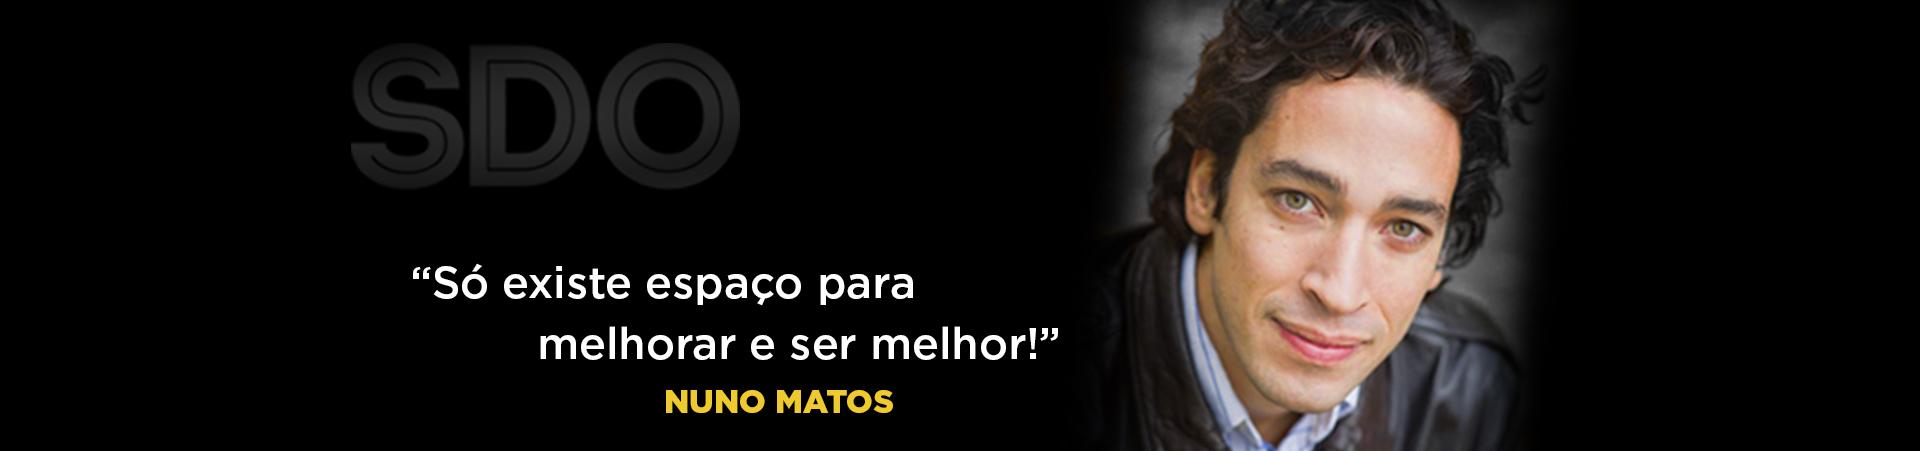 Nuno-Matos2